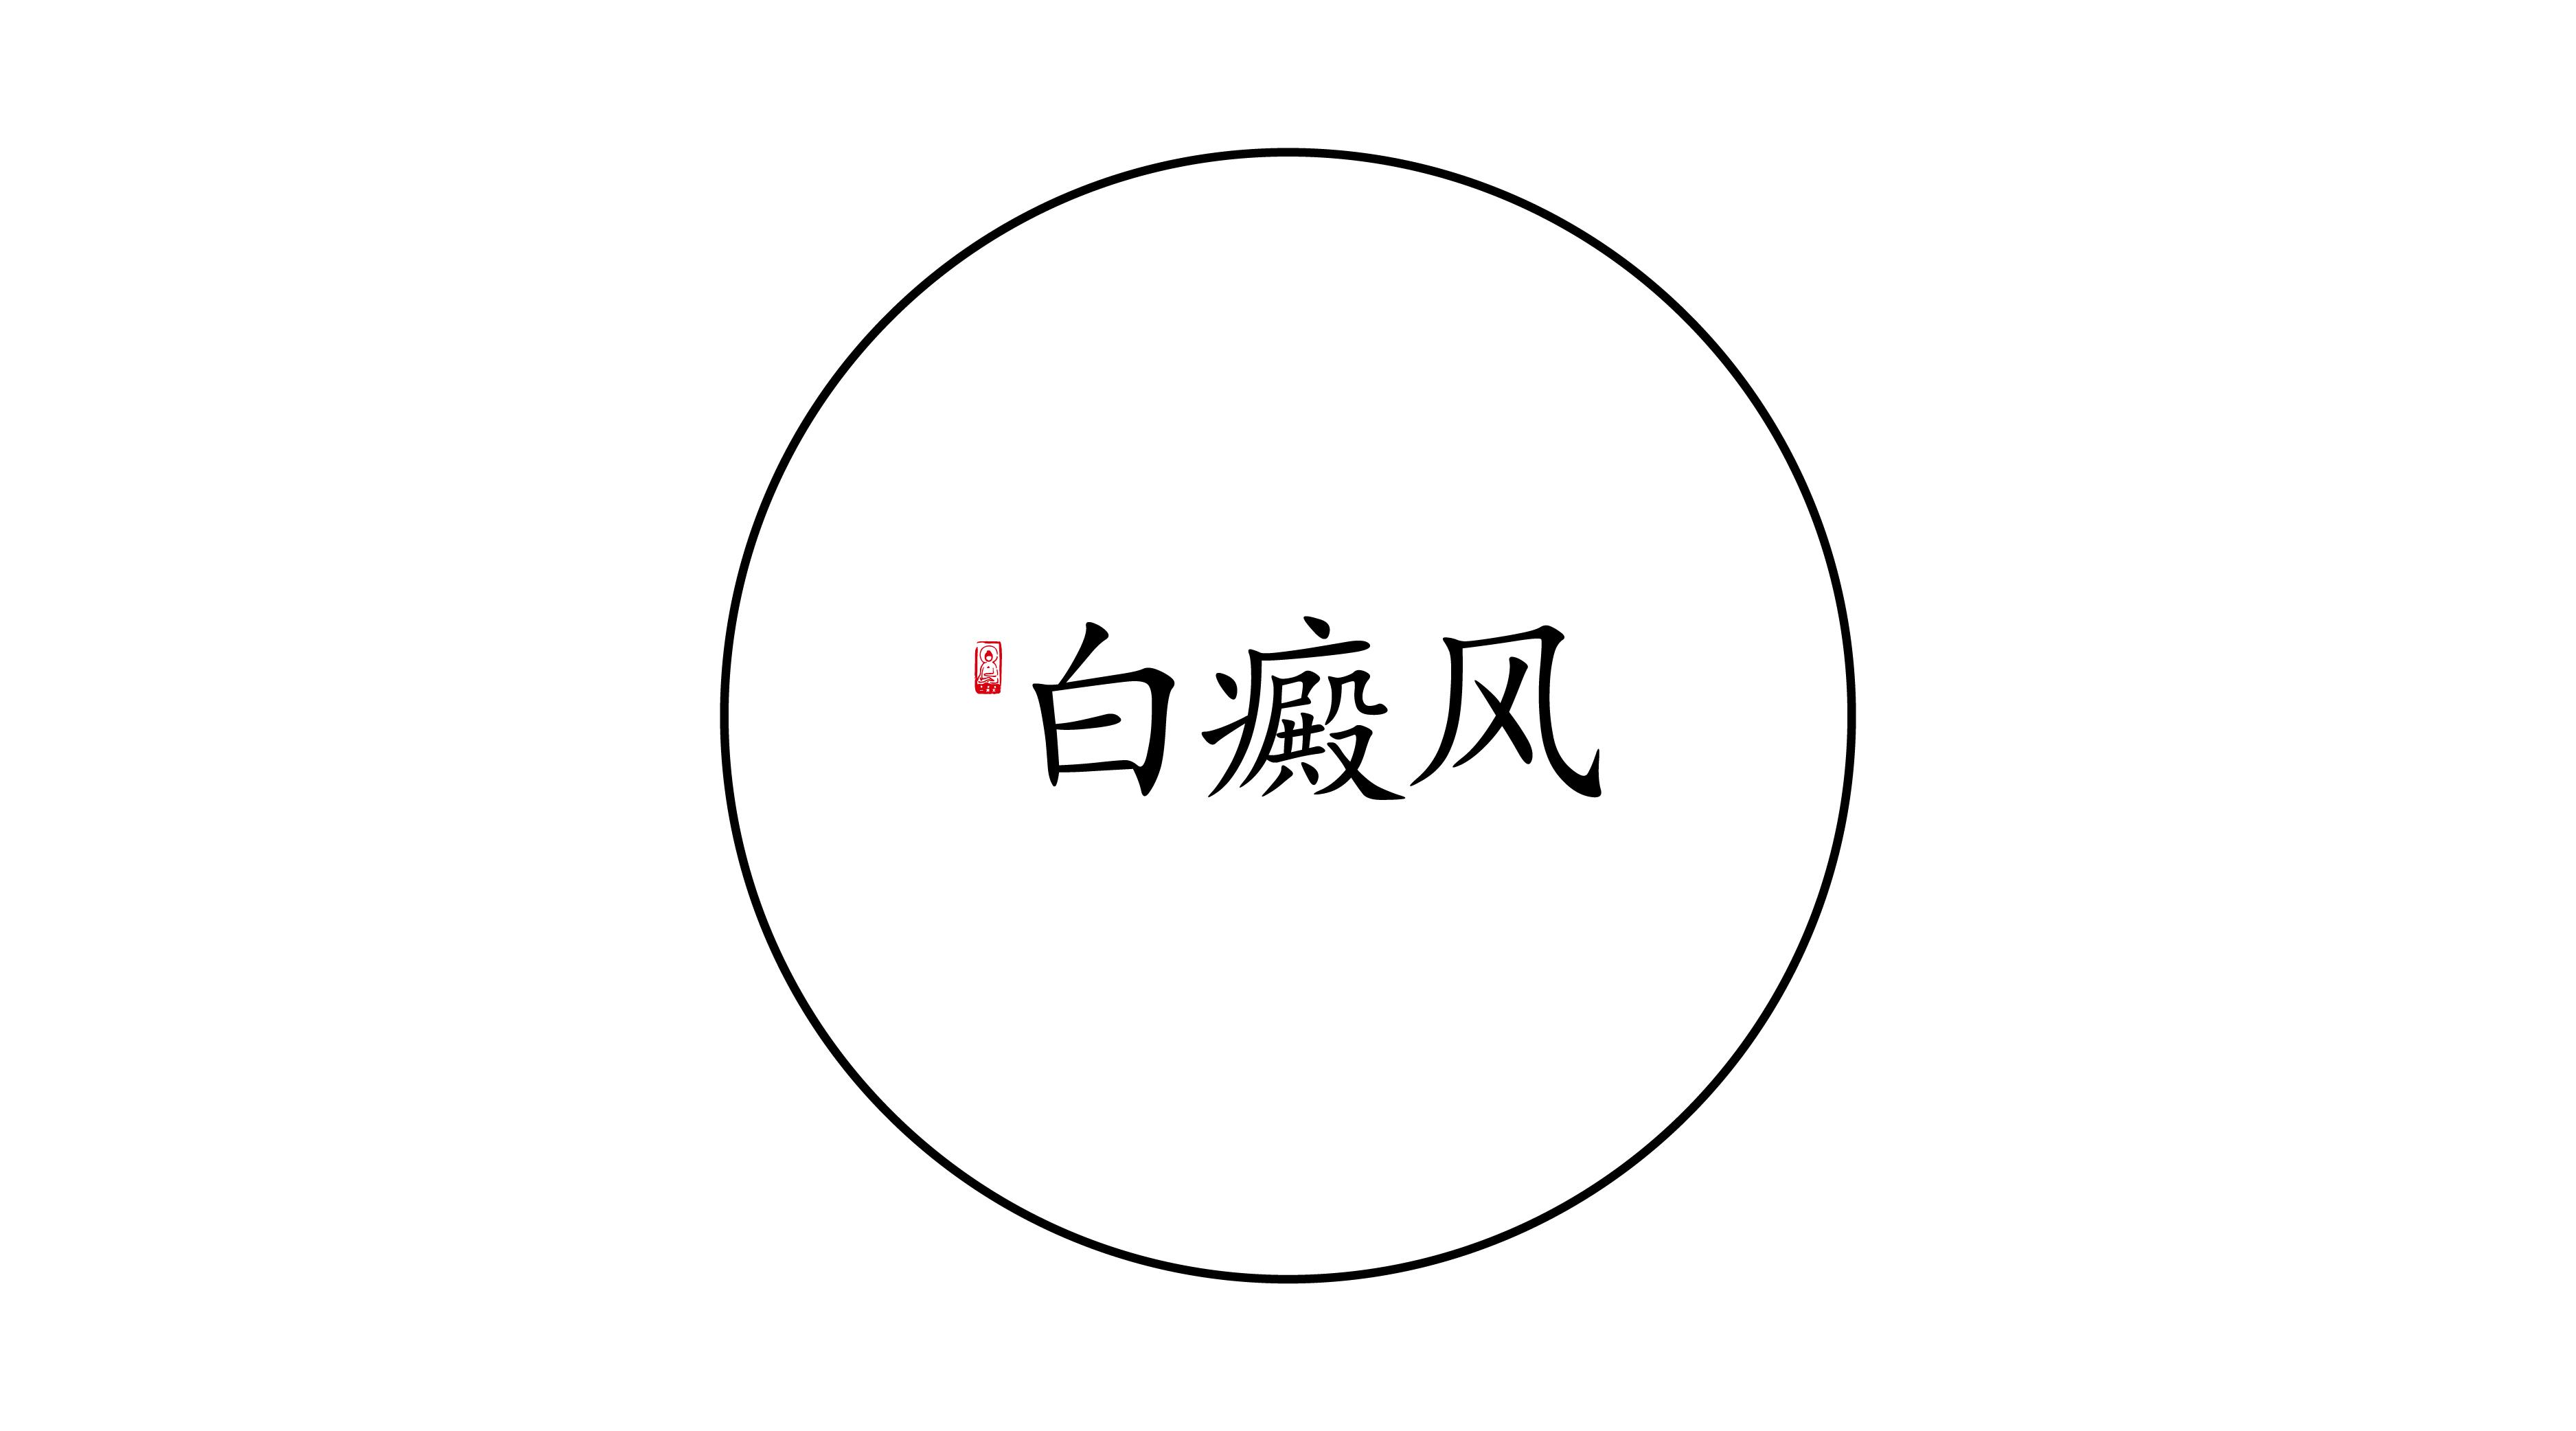 上海徐英华答为什么白癜风越来越严重?